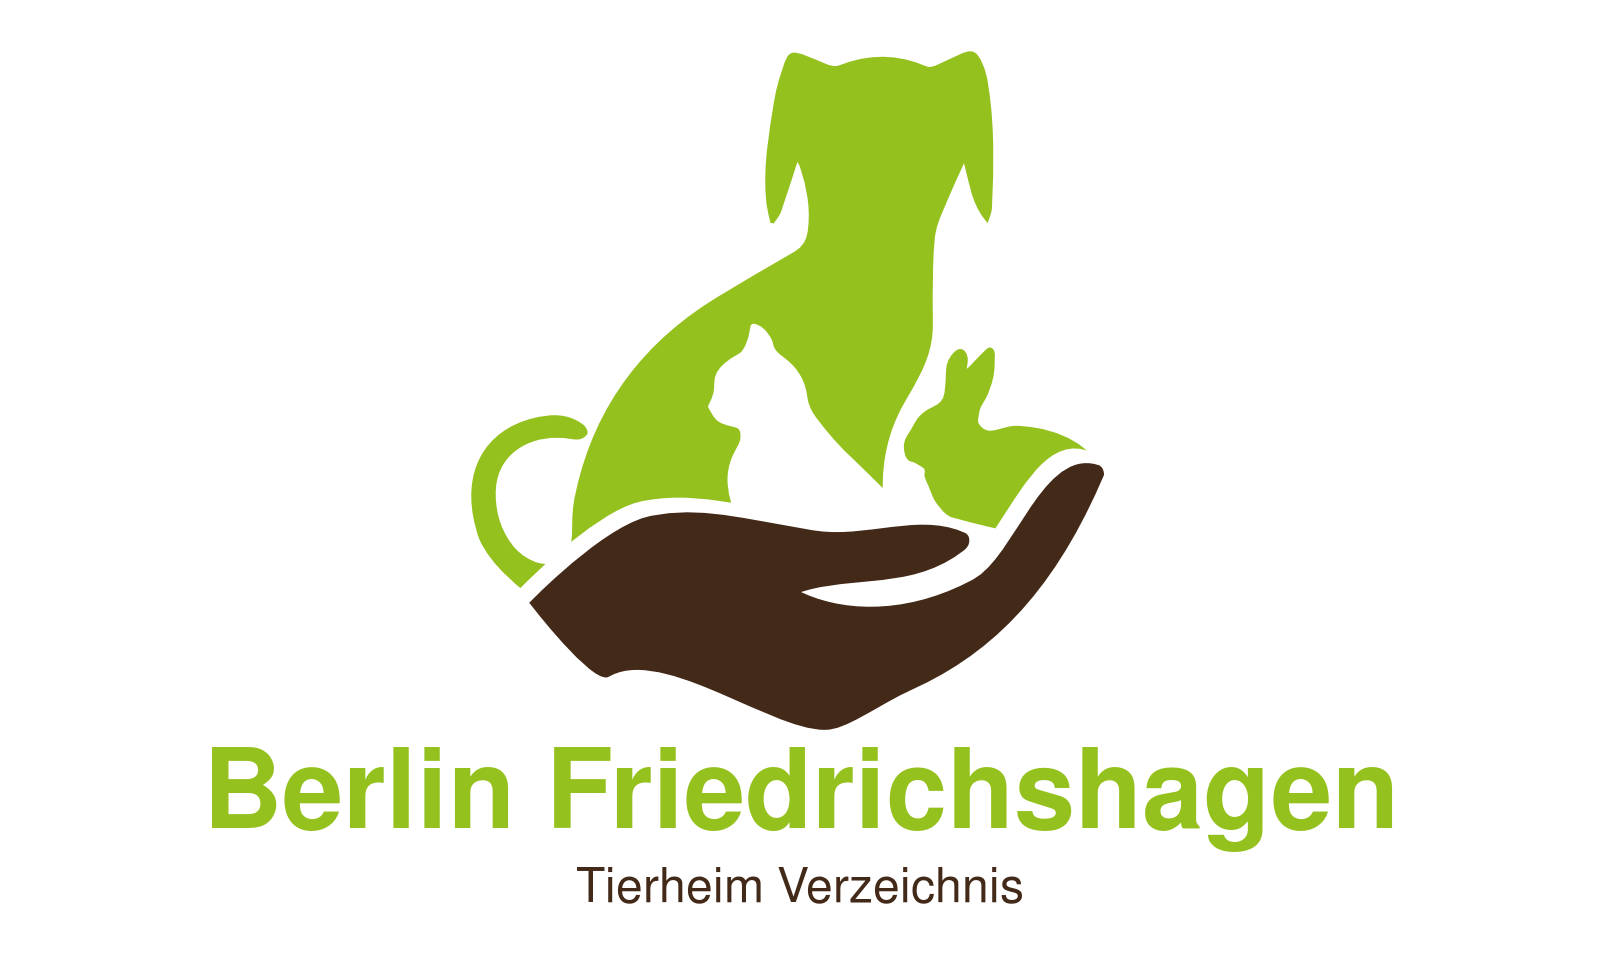 Tierheim Berlin Friedrichshagen